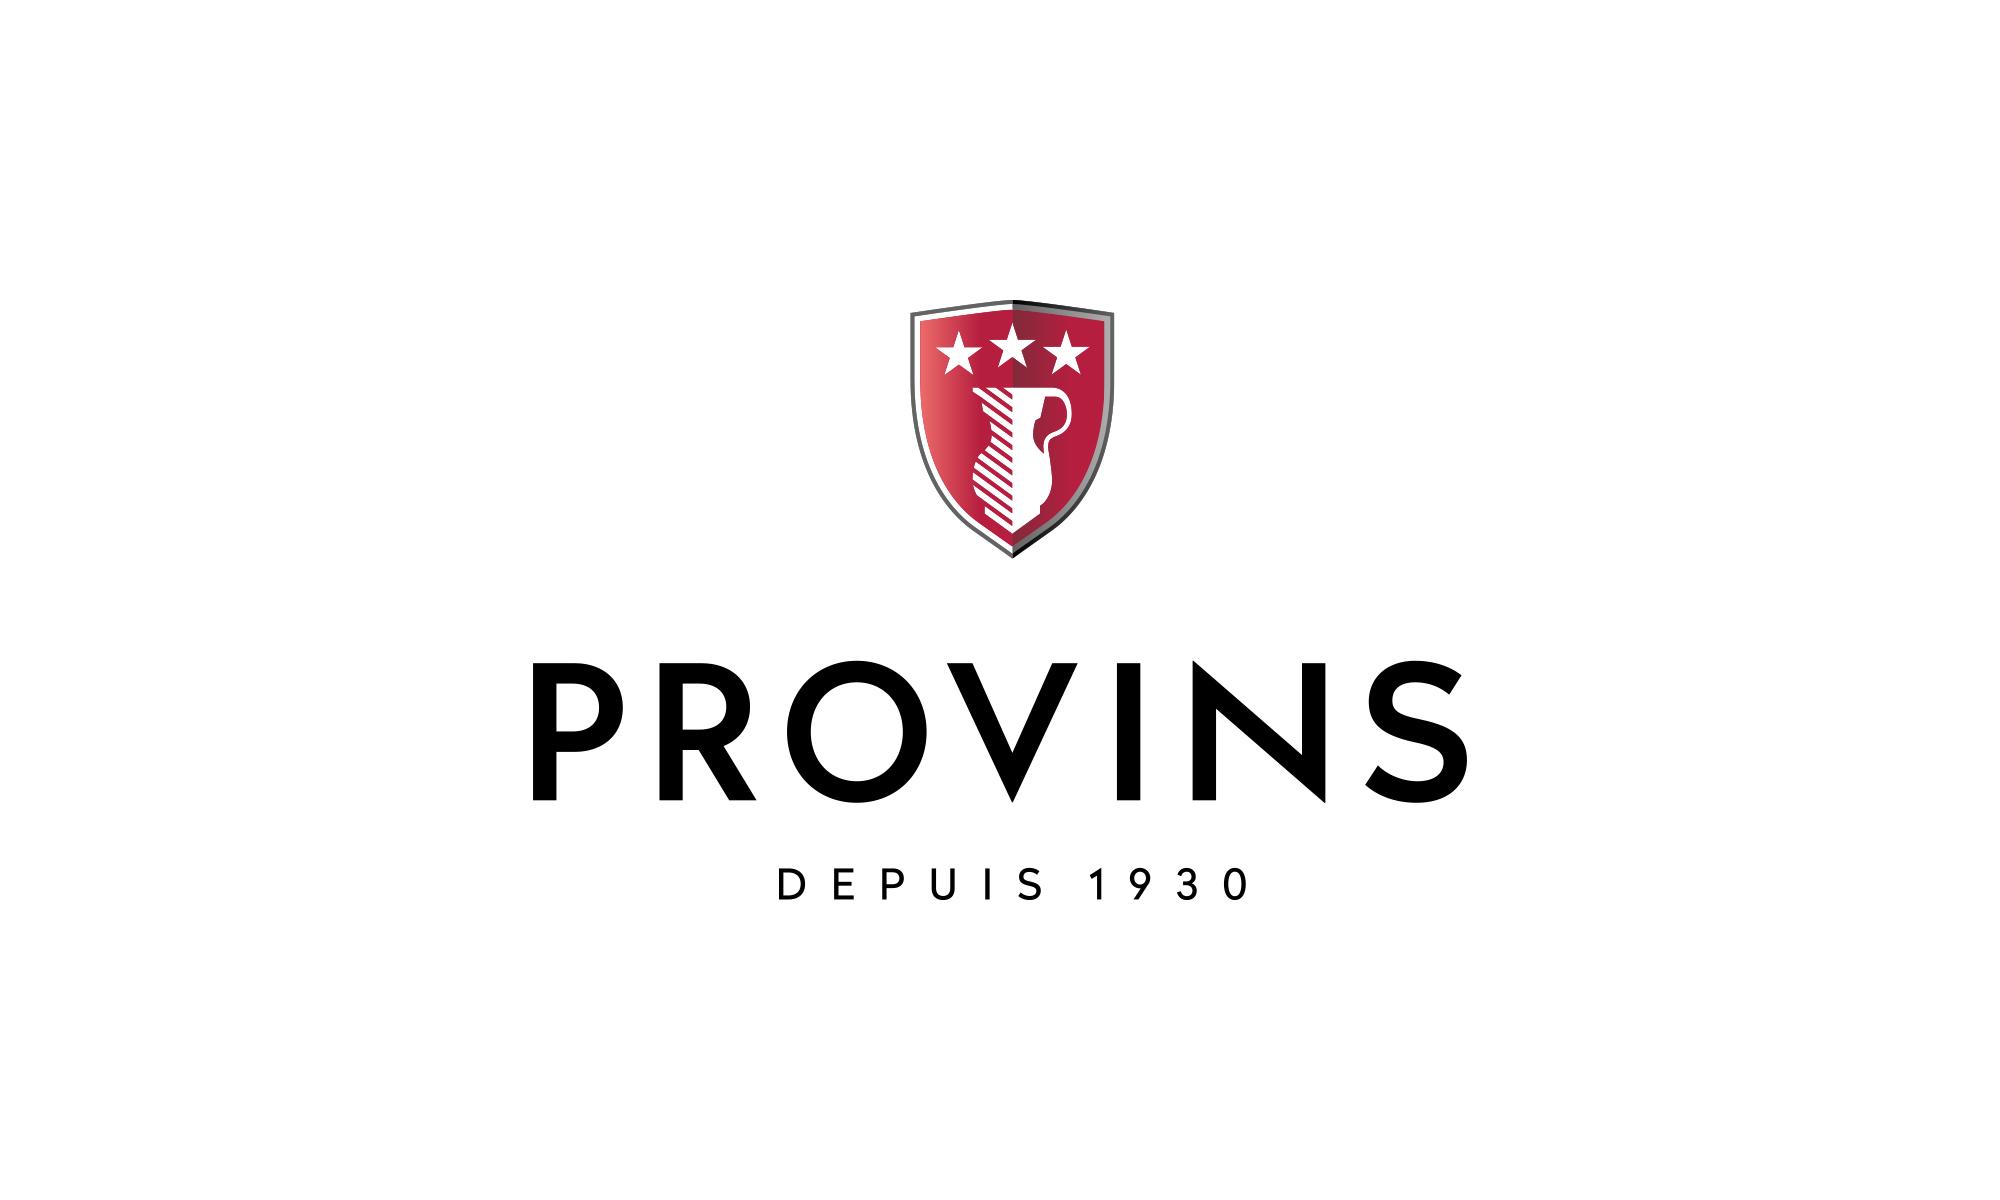 provins-logo1